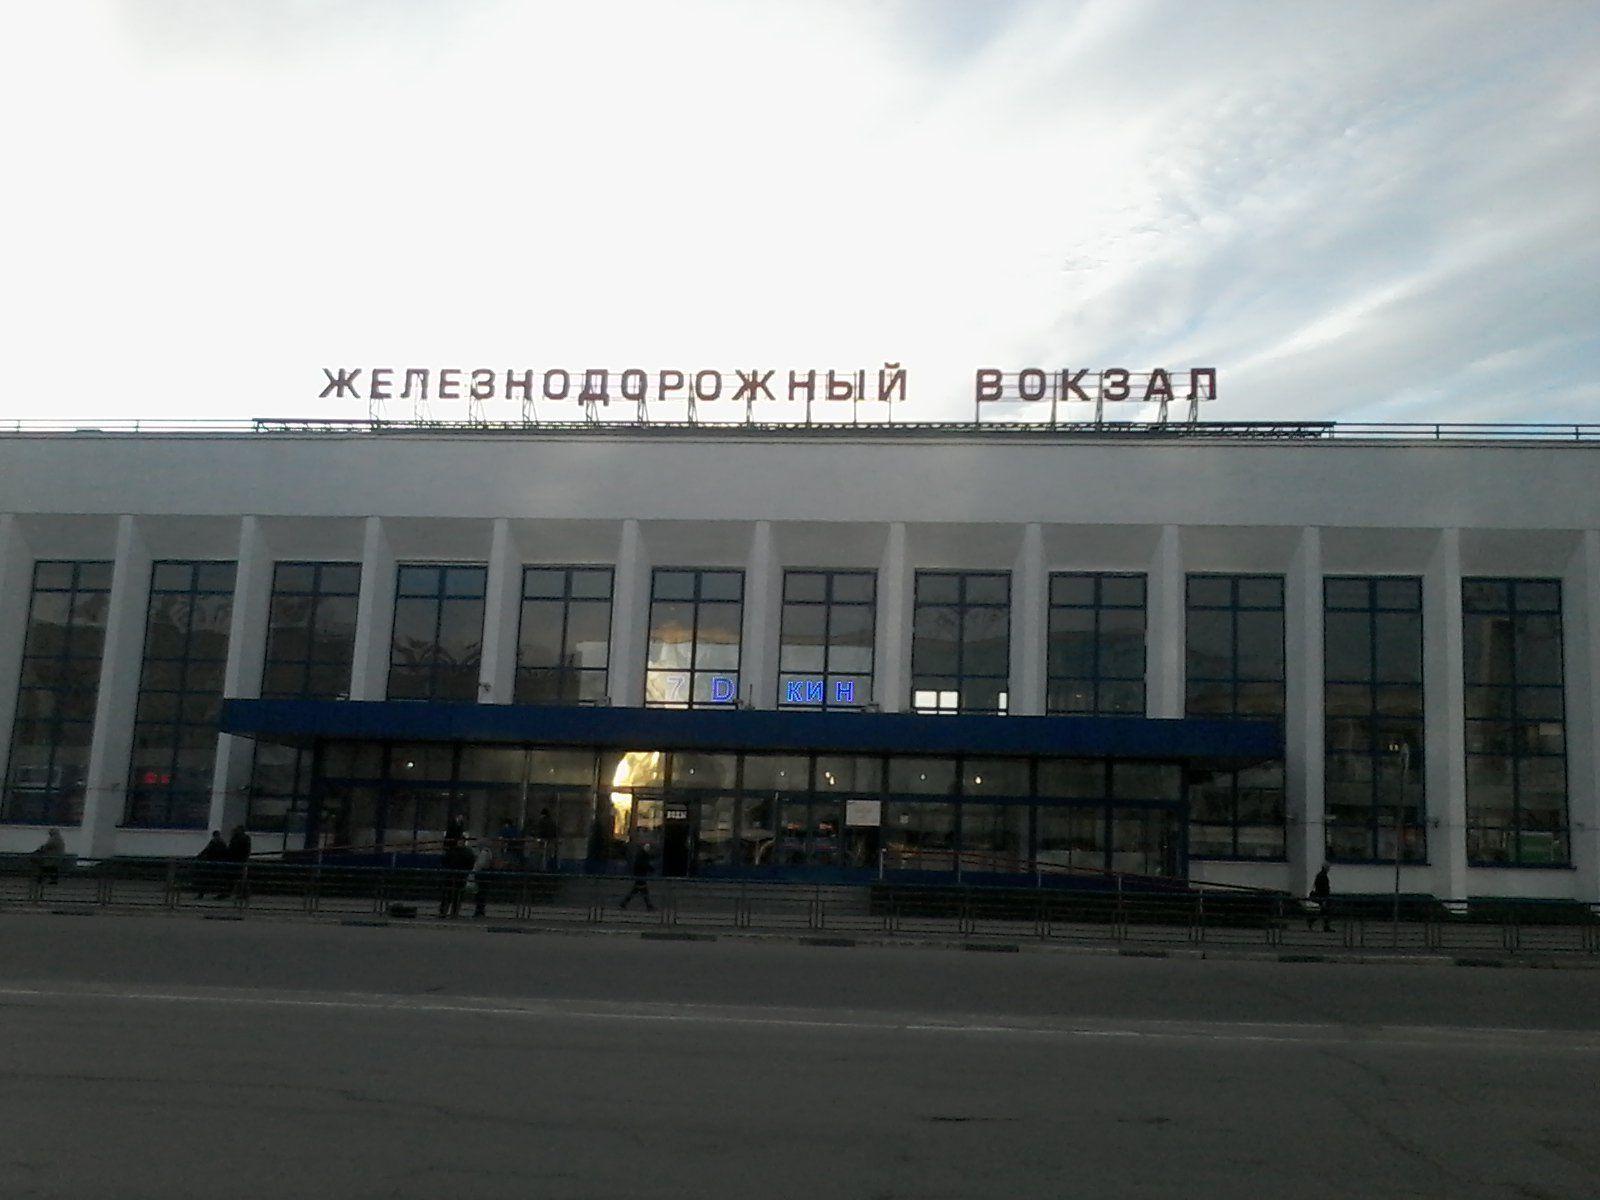 сценки постановки нижний новгород саранск от московского вокзала настройке усилитель